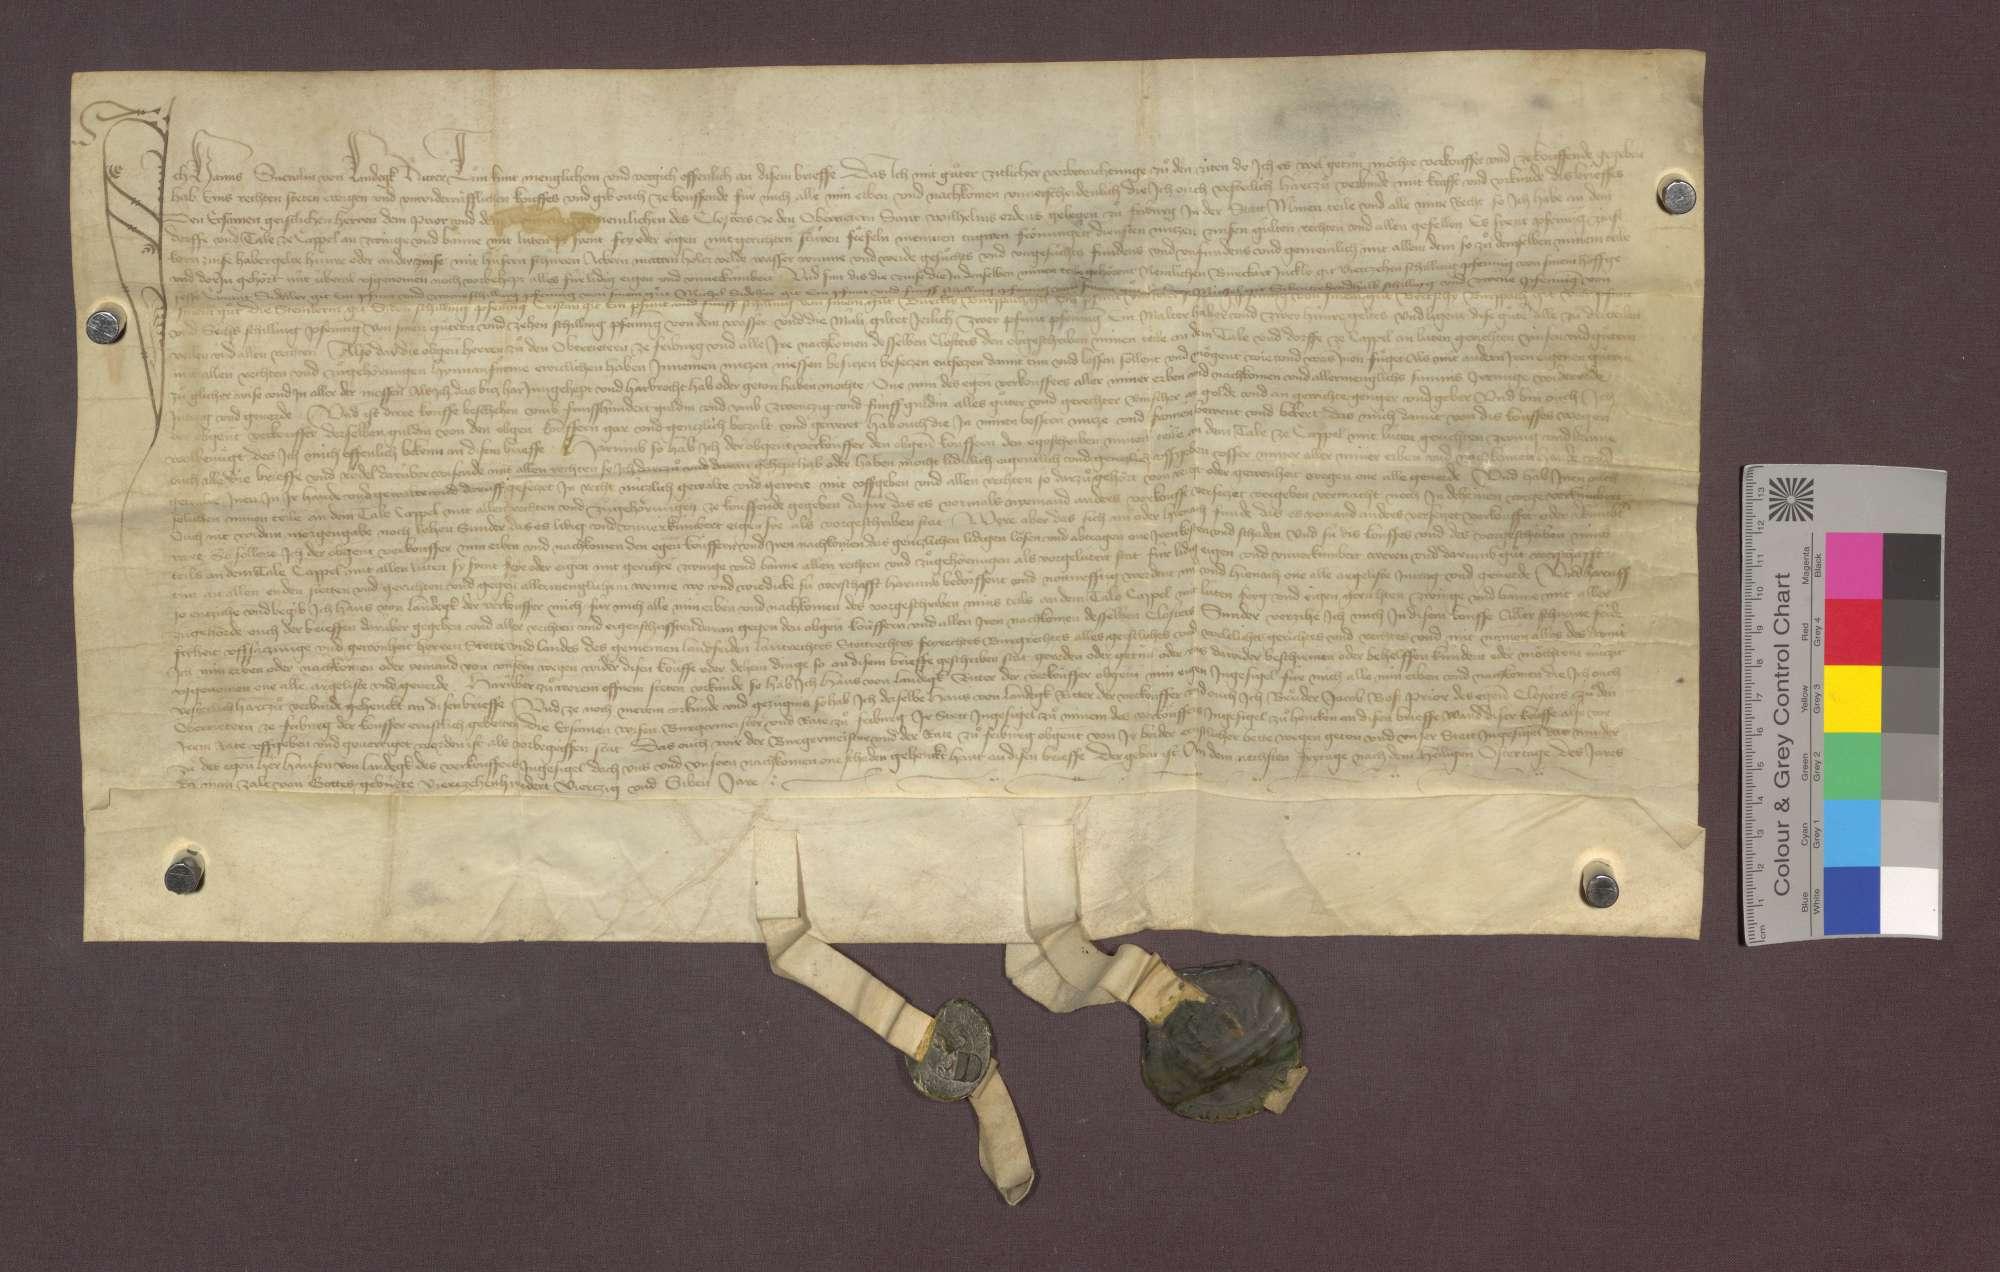 Hans Schnewlin von Landeck verkauft den Oberriedern zu Freiburg seinen Teil am Dorf und Tal Kappel mit genannten Rechten, Gülten, Zinsen, Zwing und Bann um 585 Gulden., Bild 1